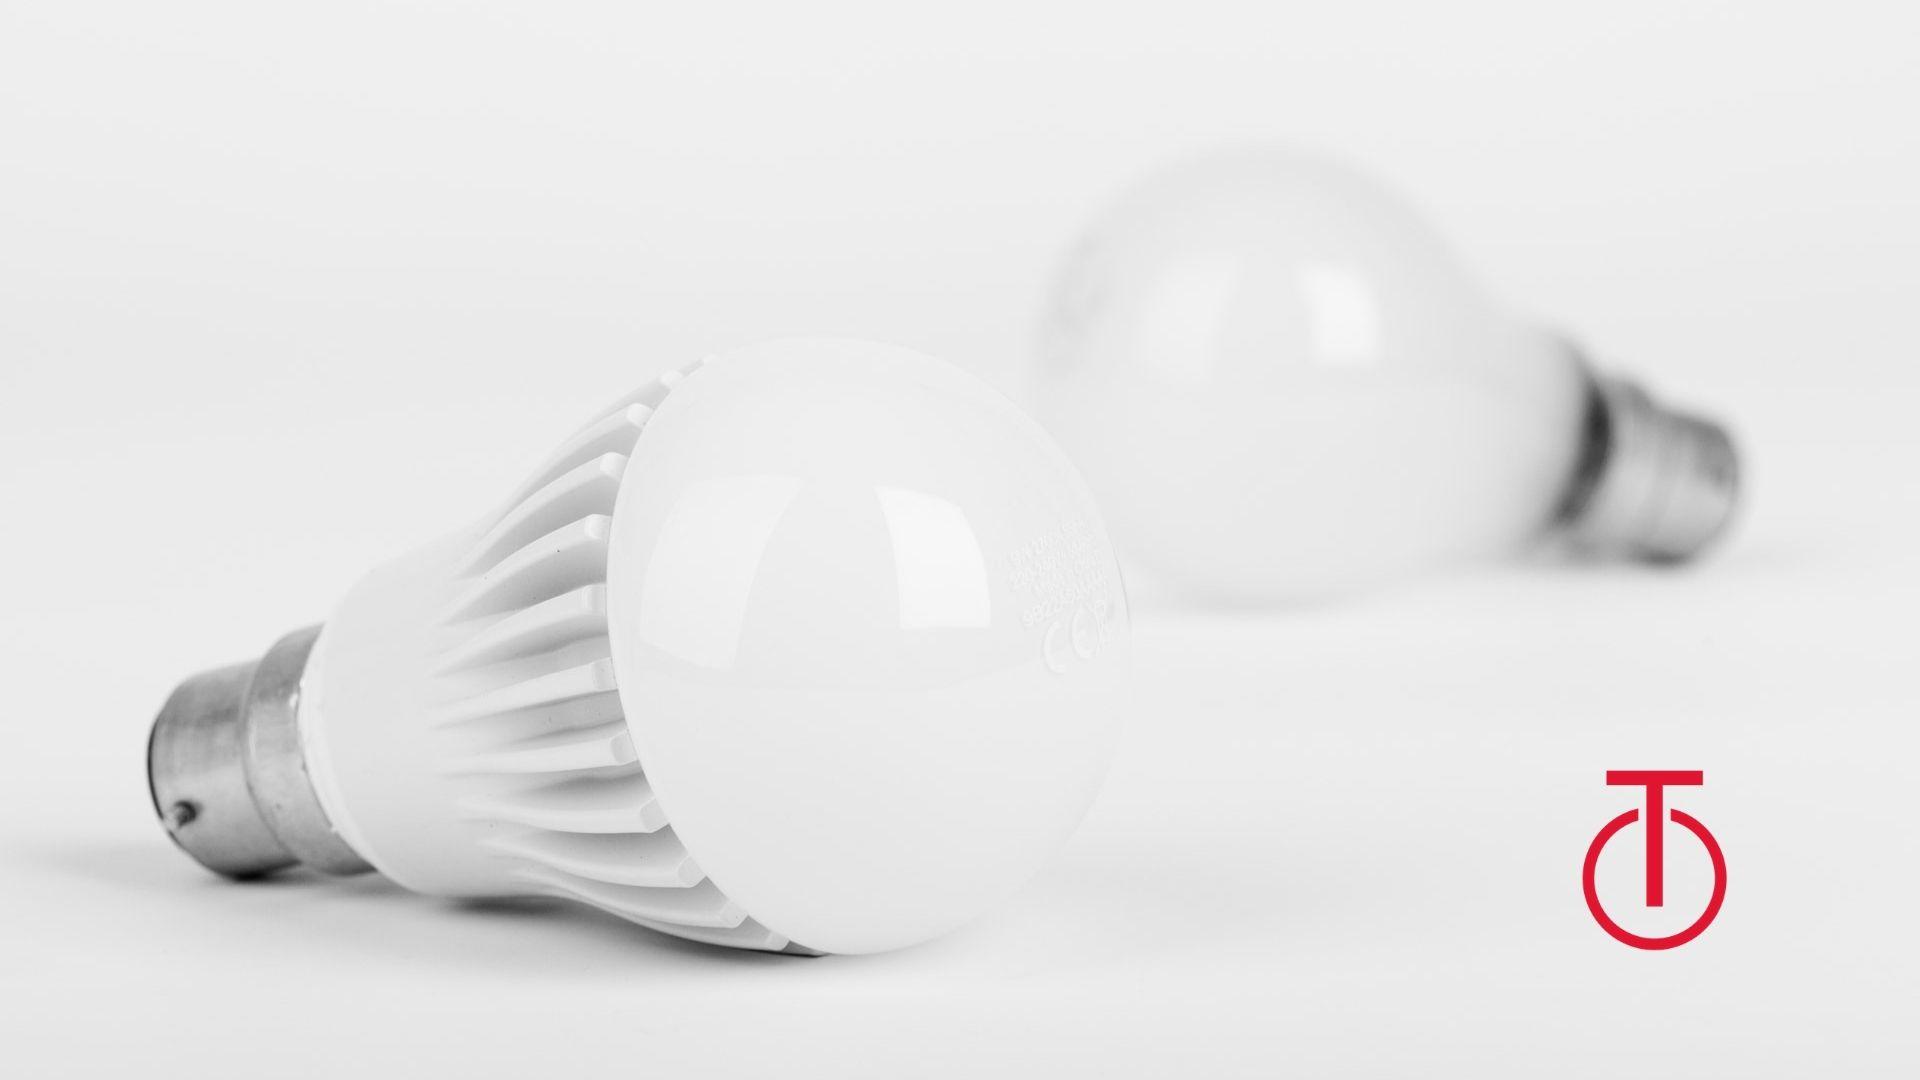 Cómo ahorrar en factura luz